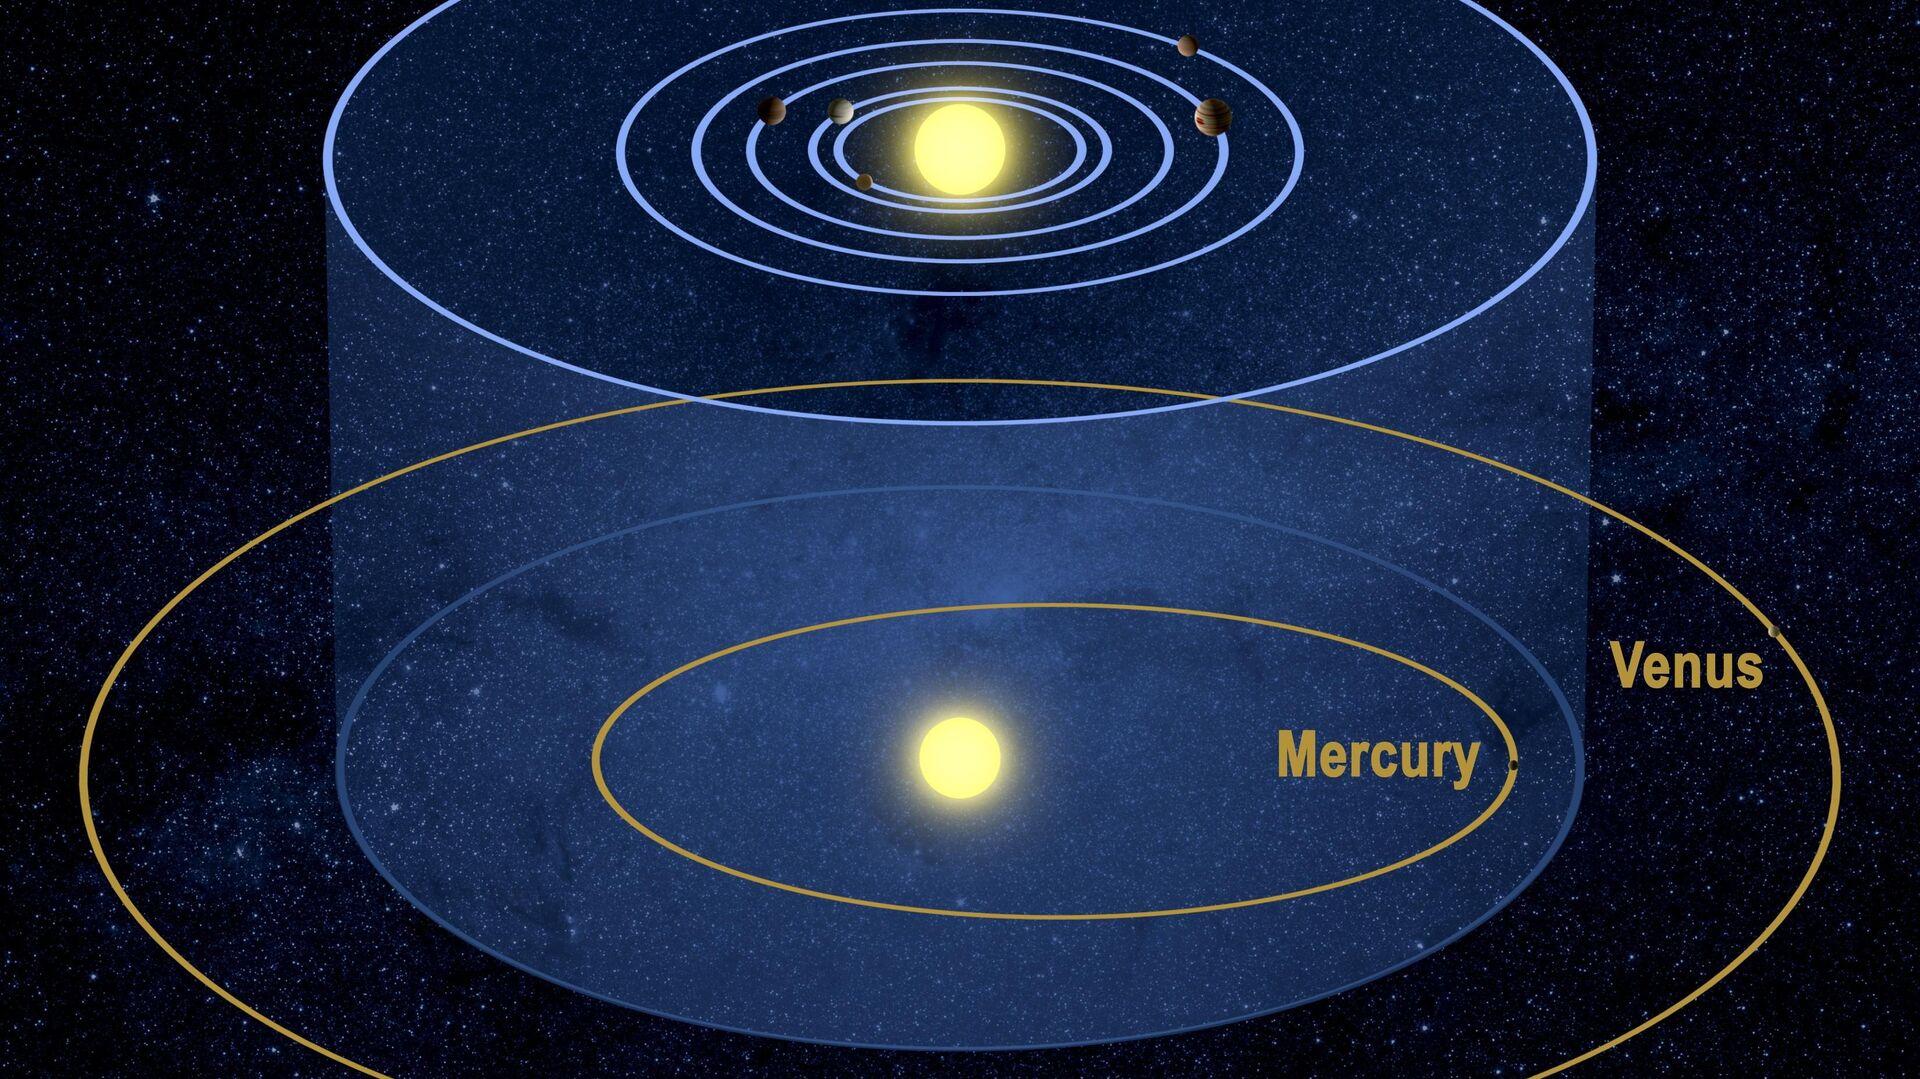 Планетная система Kepler-11 в сравнении с Солнечной системой - РИА Новости, 1920, 31.01.2020